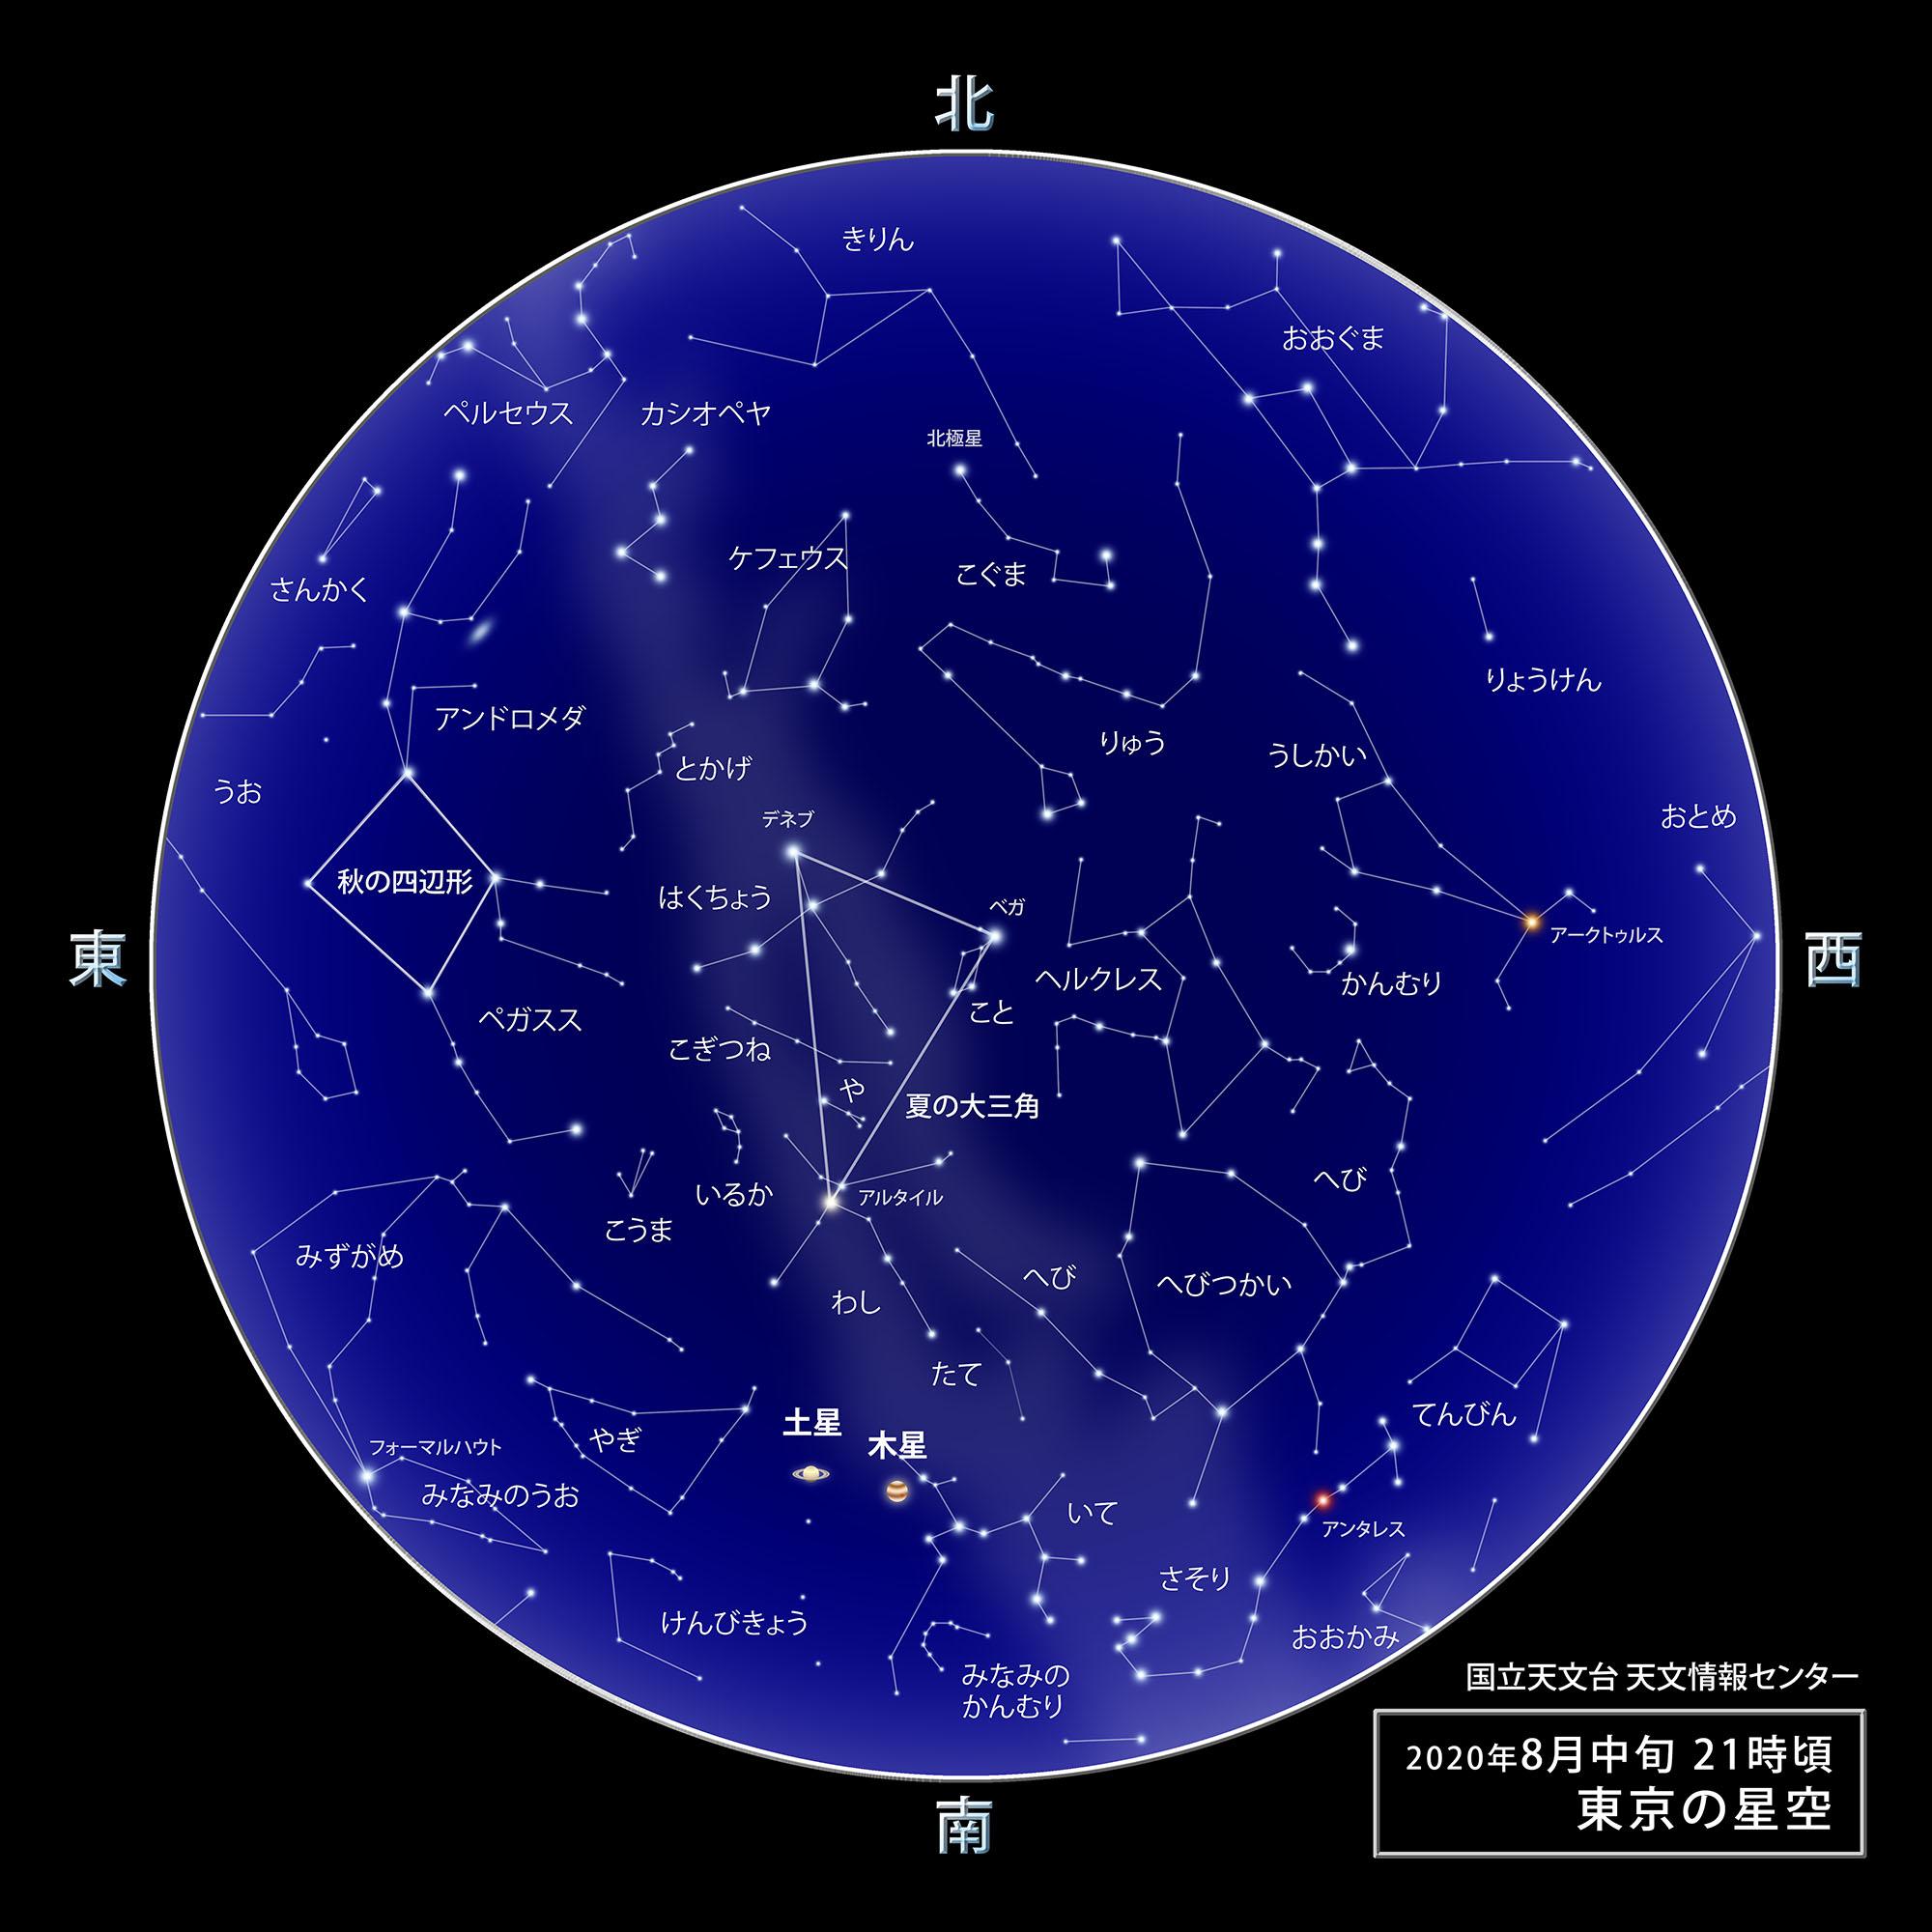 東京の星空・カレンダー・惑星(2020年8月) | 国立天文台(NAOJ)